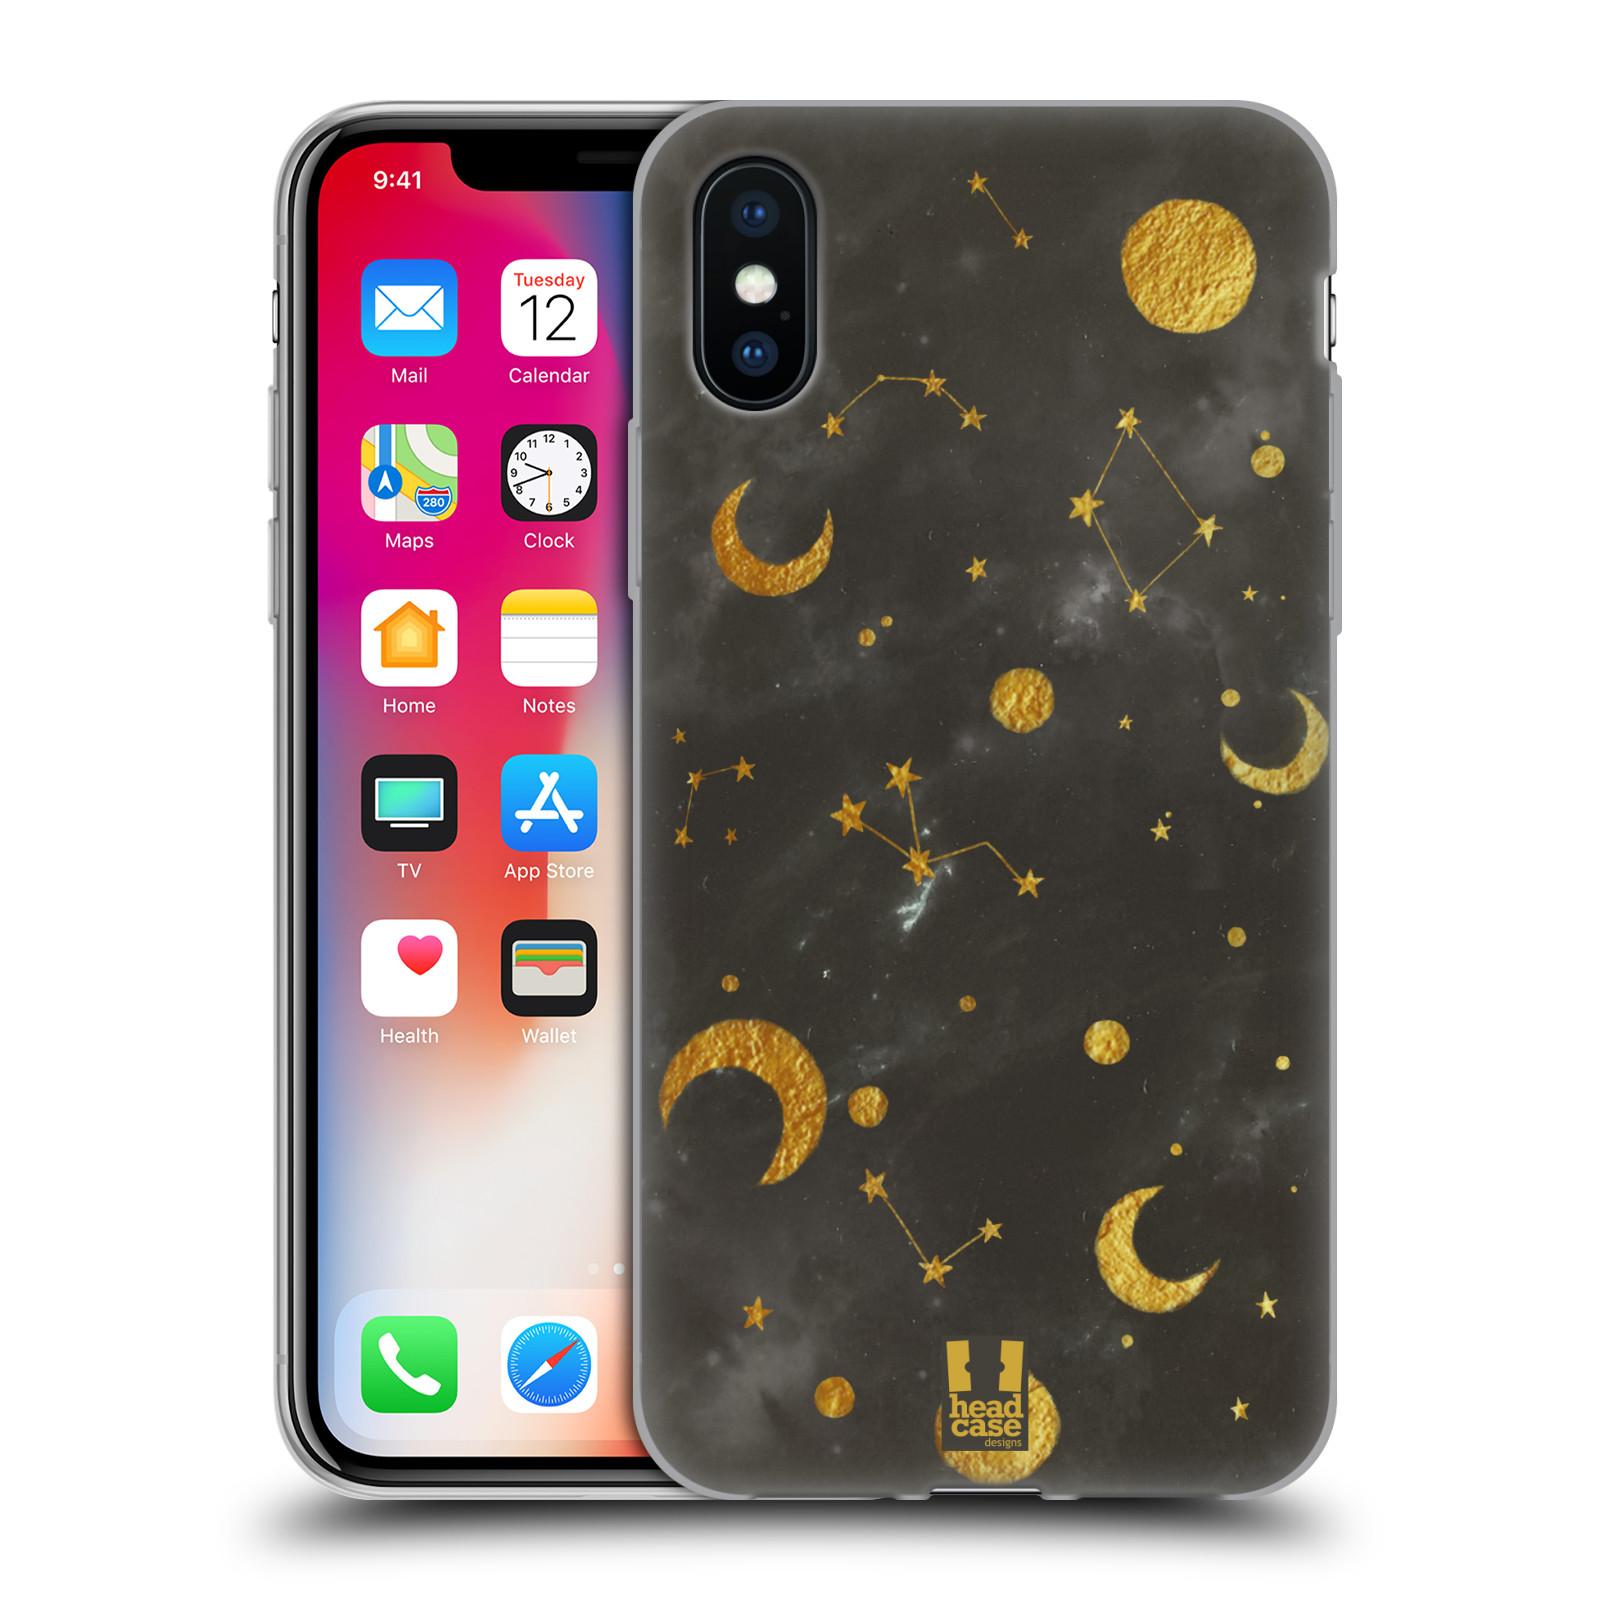 Case-Designs-Marmol-GALAXY-Suave-HEAD-Gel-caso-para-telefonos-APPLE-iPHONE